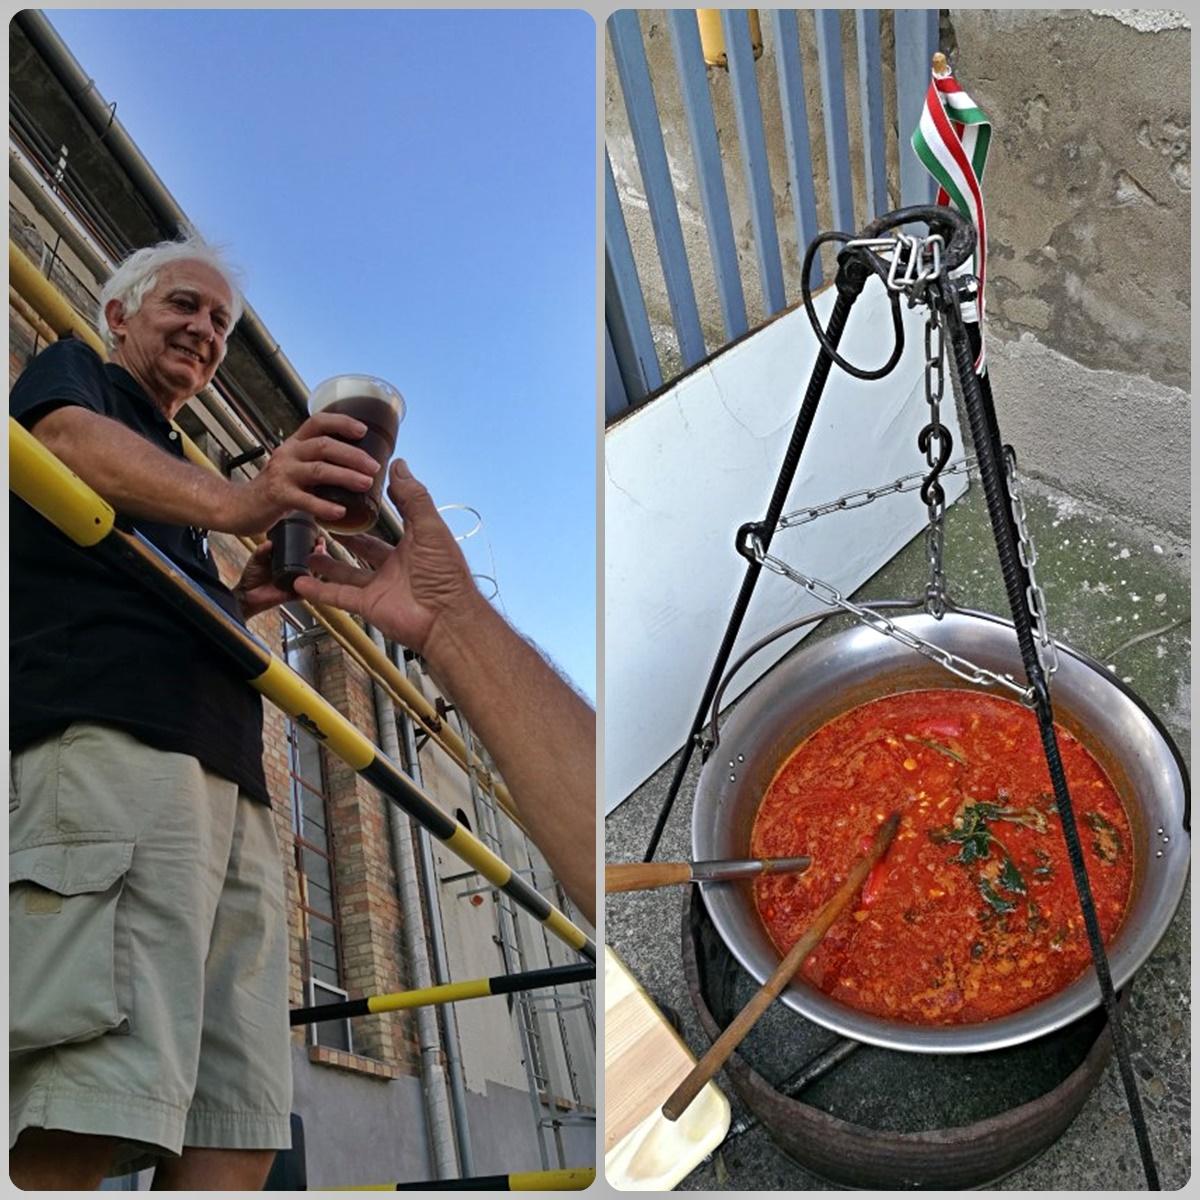 Kocsmalátogatások a Magyarországi Sörcikkgyűjtő Klubbal - Fehér Nyúl Brewery - bográcsozás a sörfőzdében - Kocsmaturista